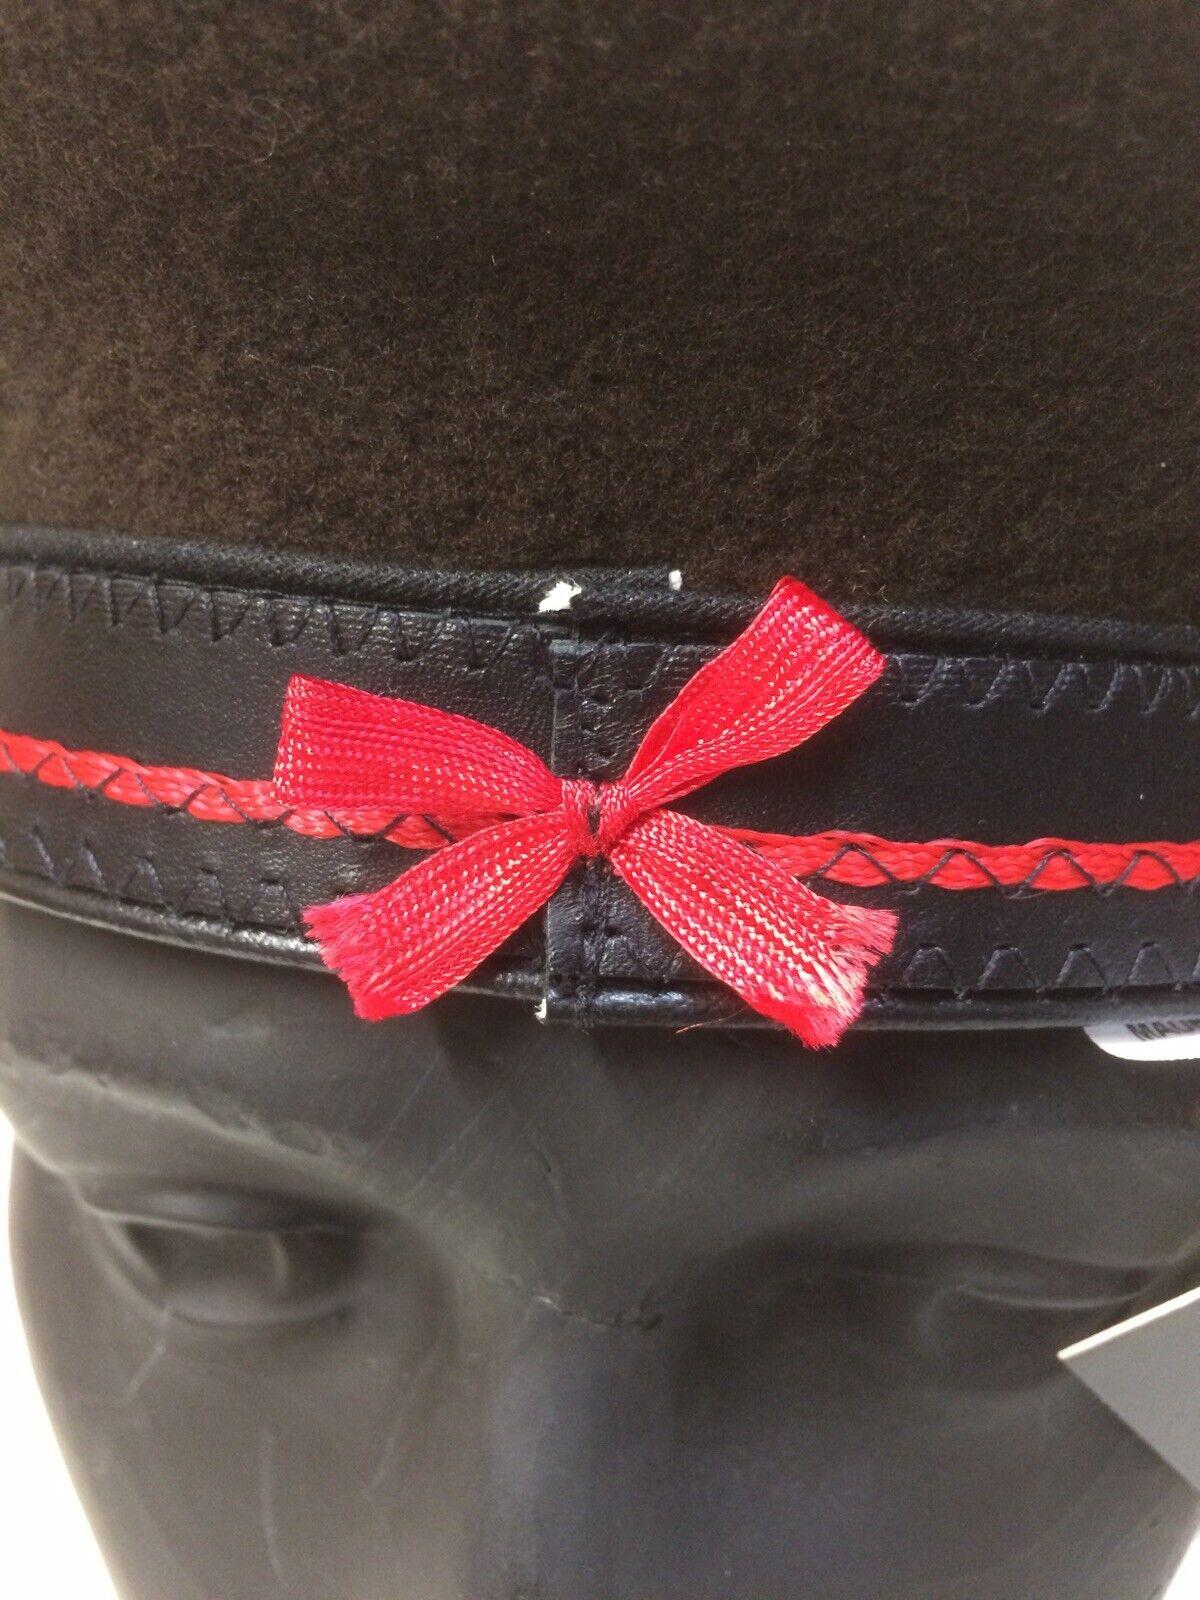 Laulhere Luxury Brown Basque Beret 100/% Wool Arniga 9 diameter